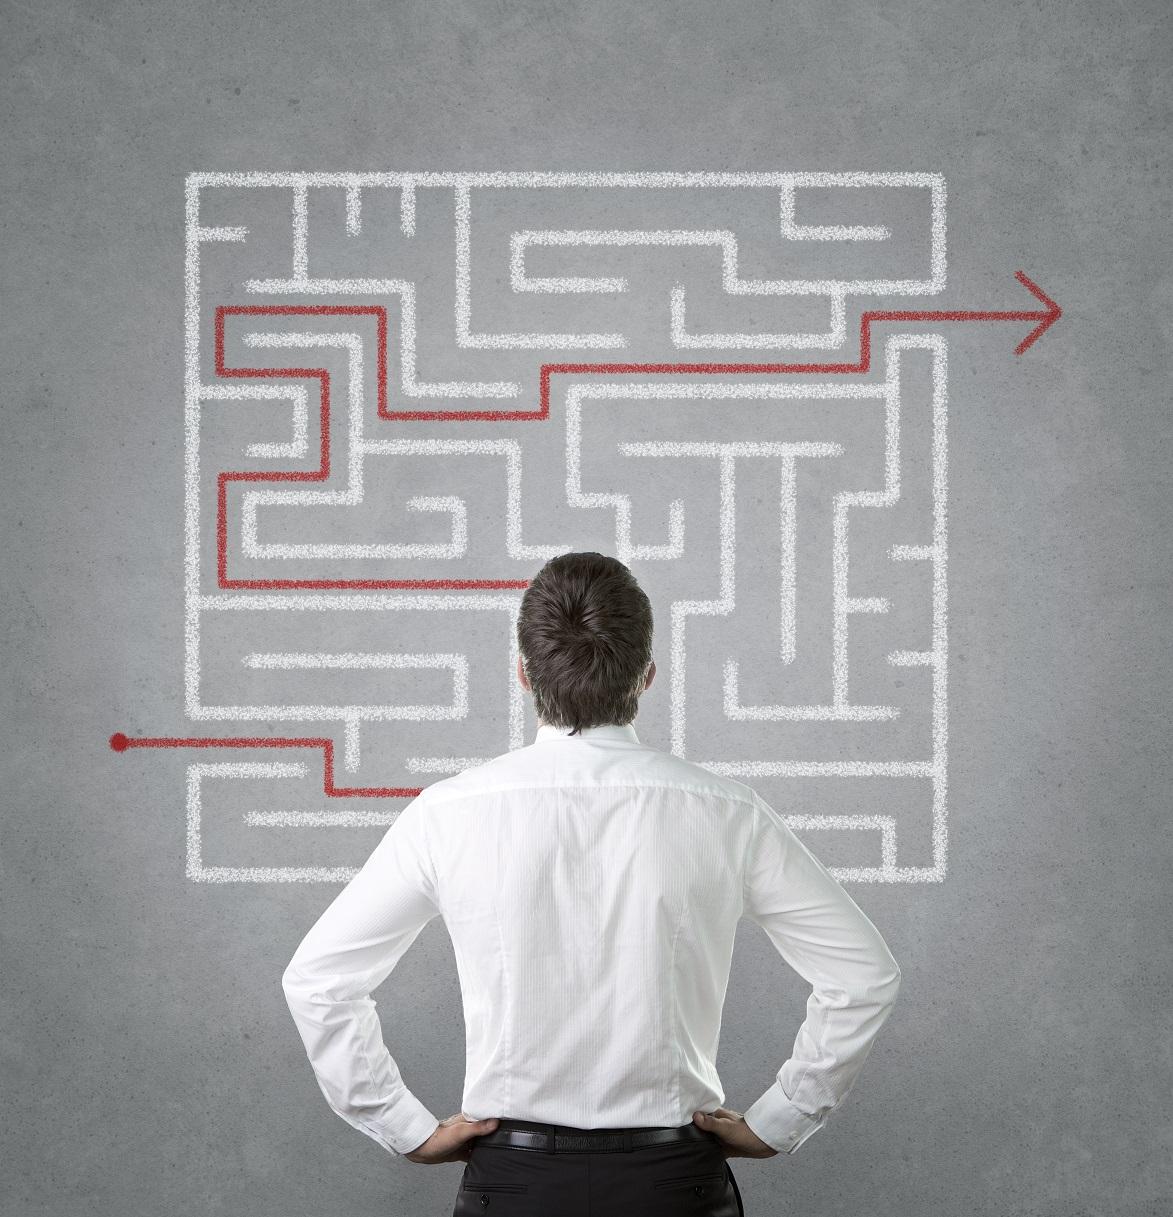 2. Angebotskonfigurator: Konzept und Anwenderprozesse